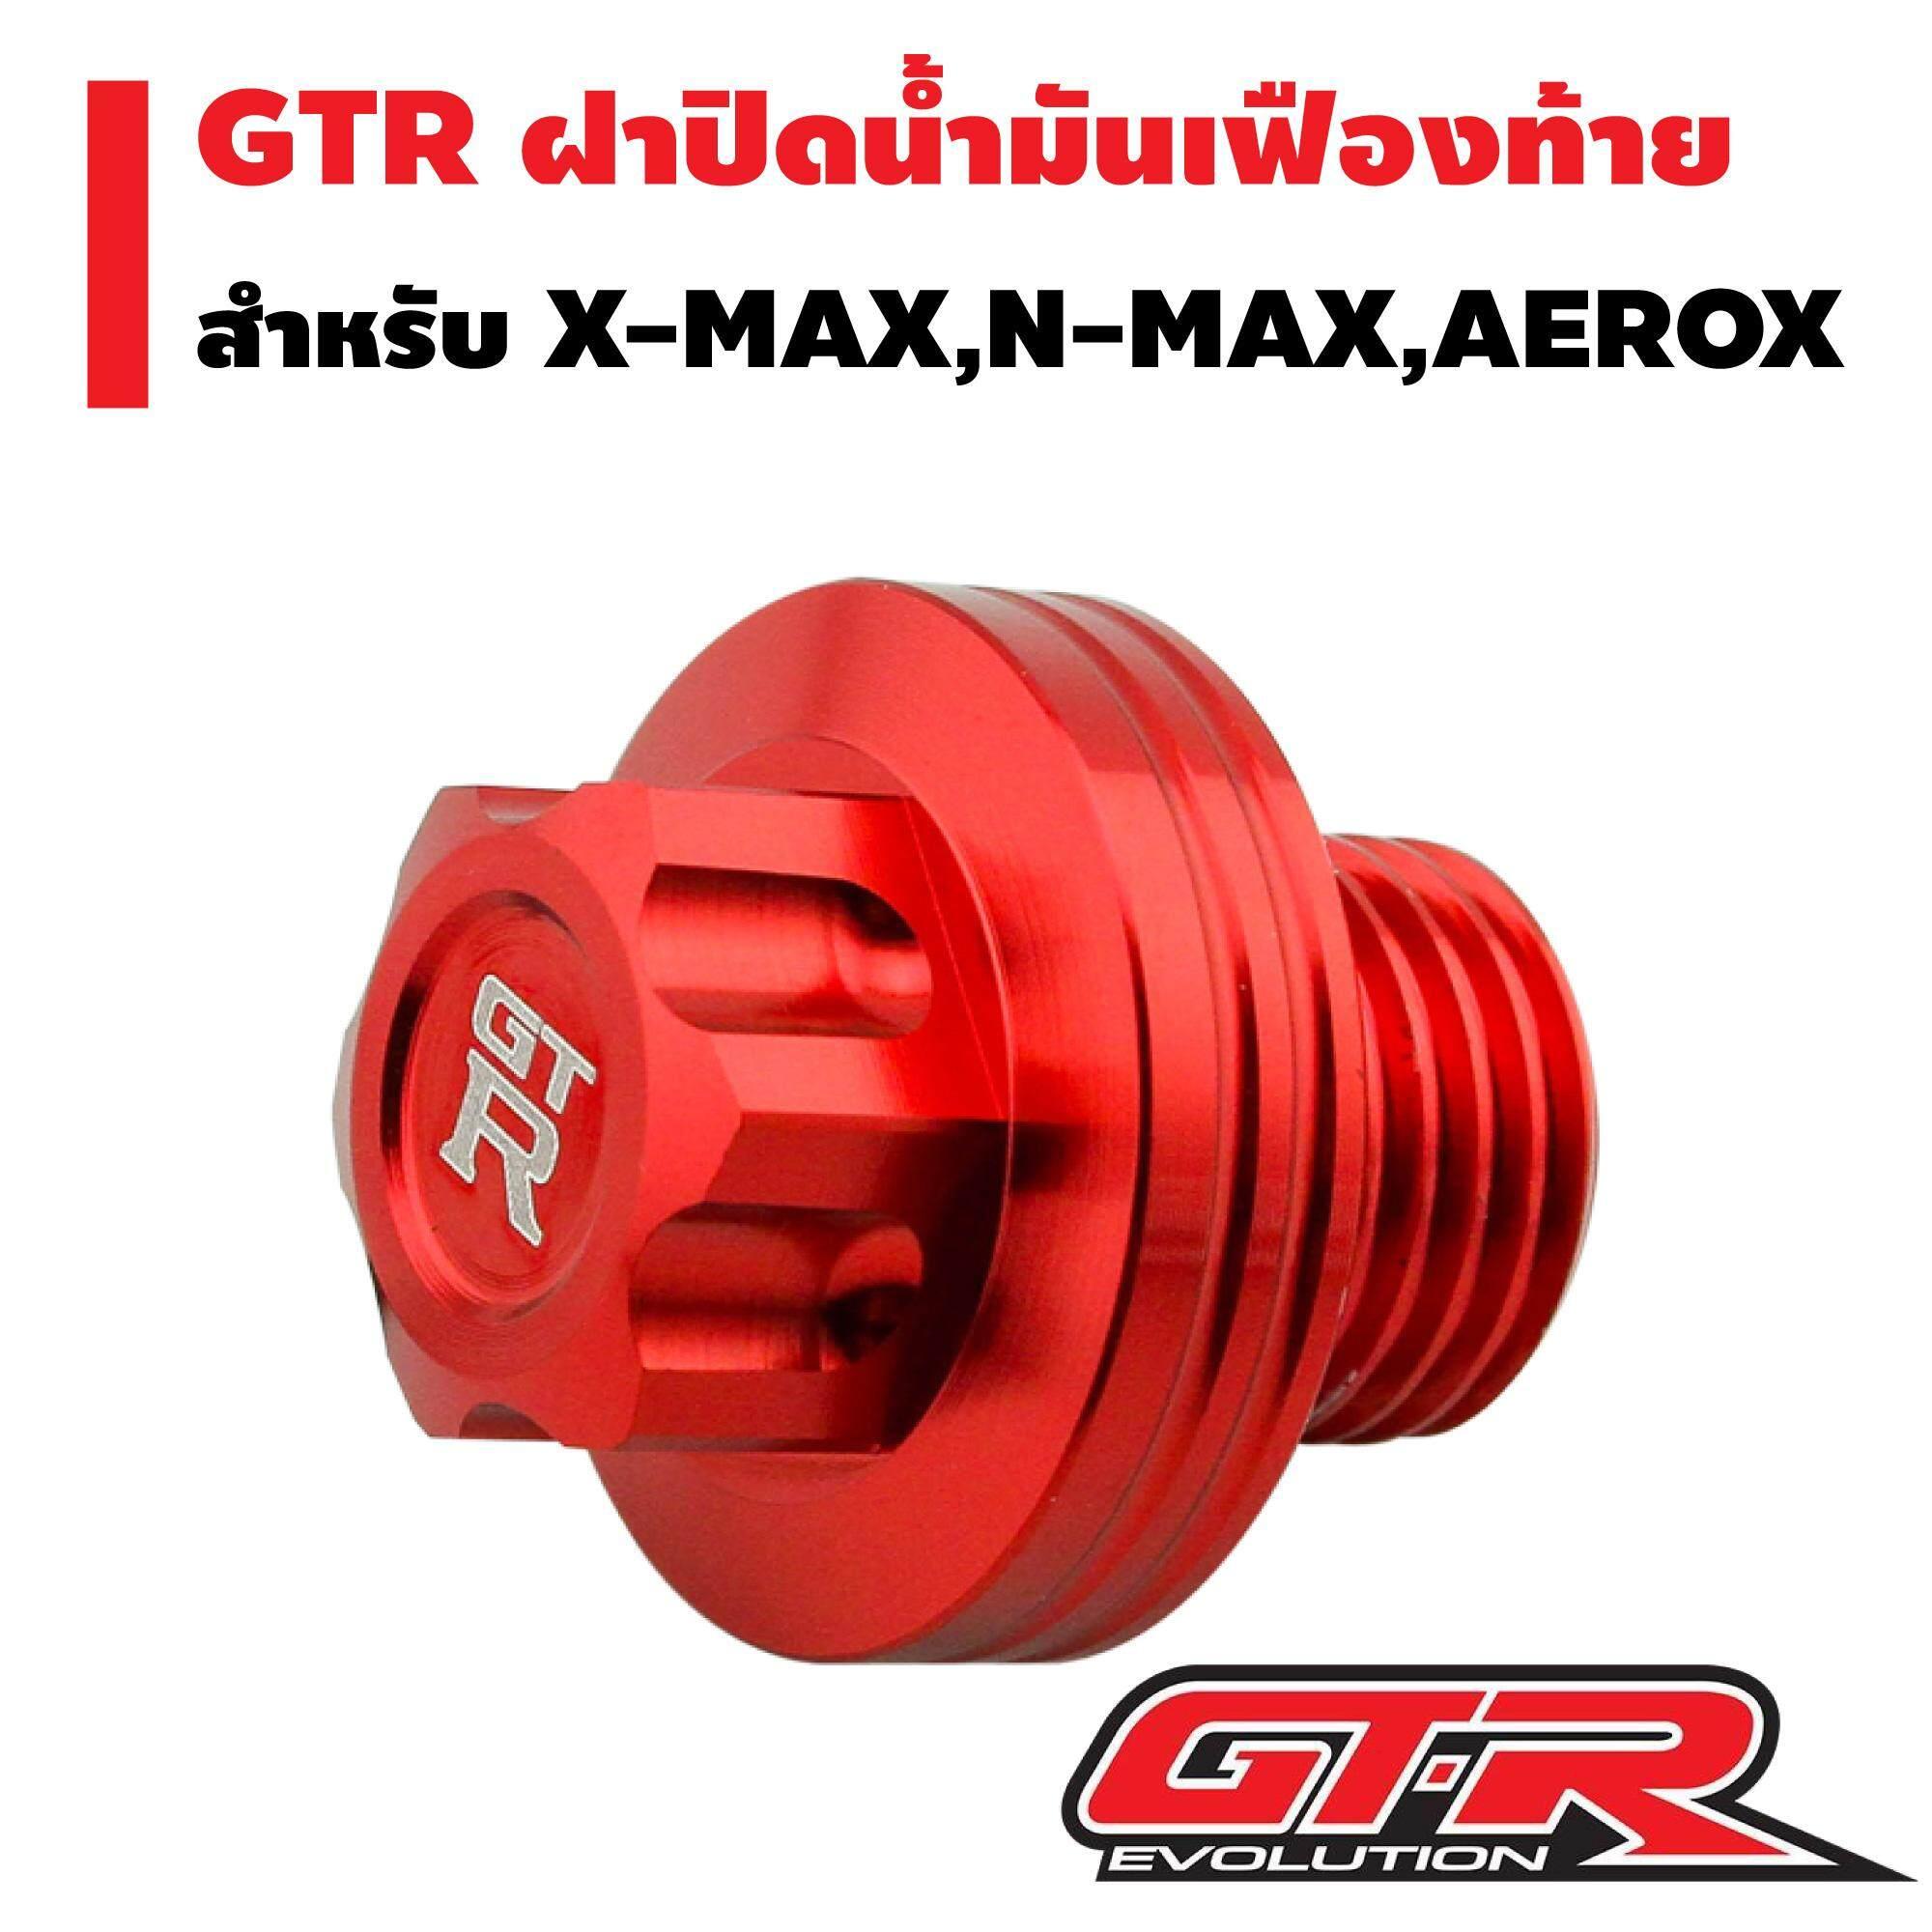 (ส่งฟรี KERRY) GTR ฝาปิดน้ำมันเฟืองท้าย สำหรับ X-MAX N-MAX AEROX สีแดง